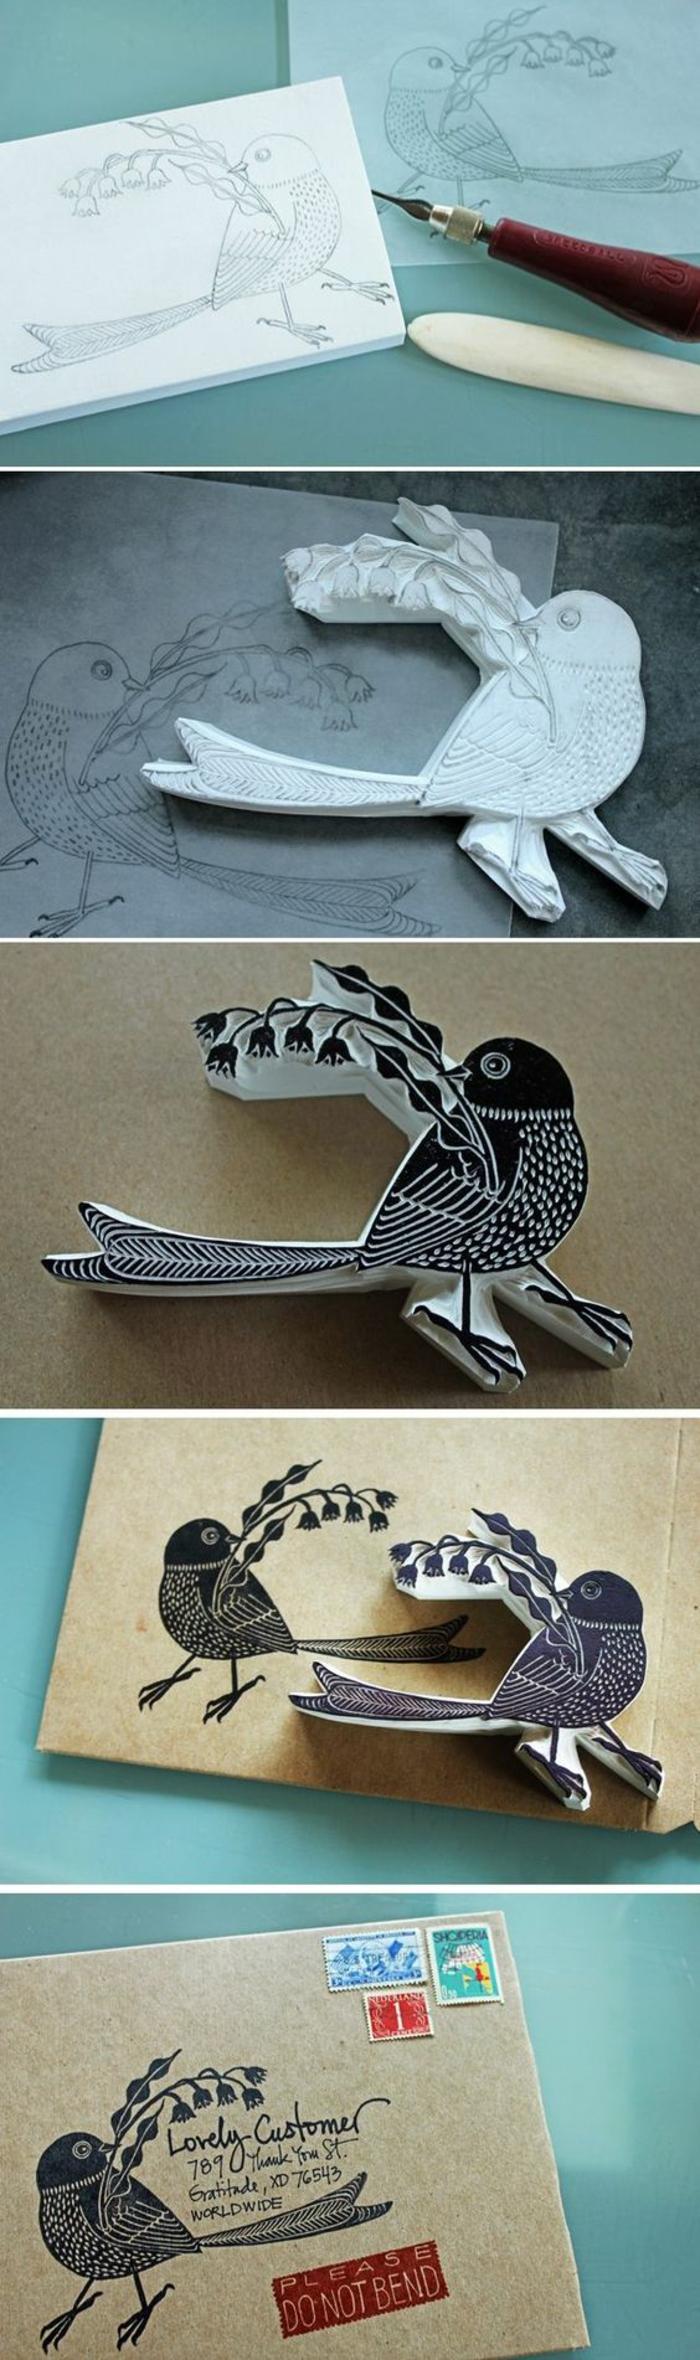 vogel zeichnen, schwammstoff, briefe dekorieren, schwarze farbe